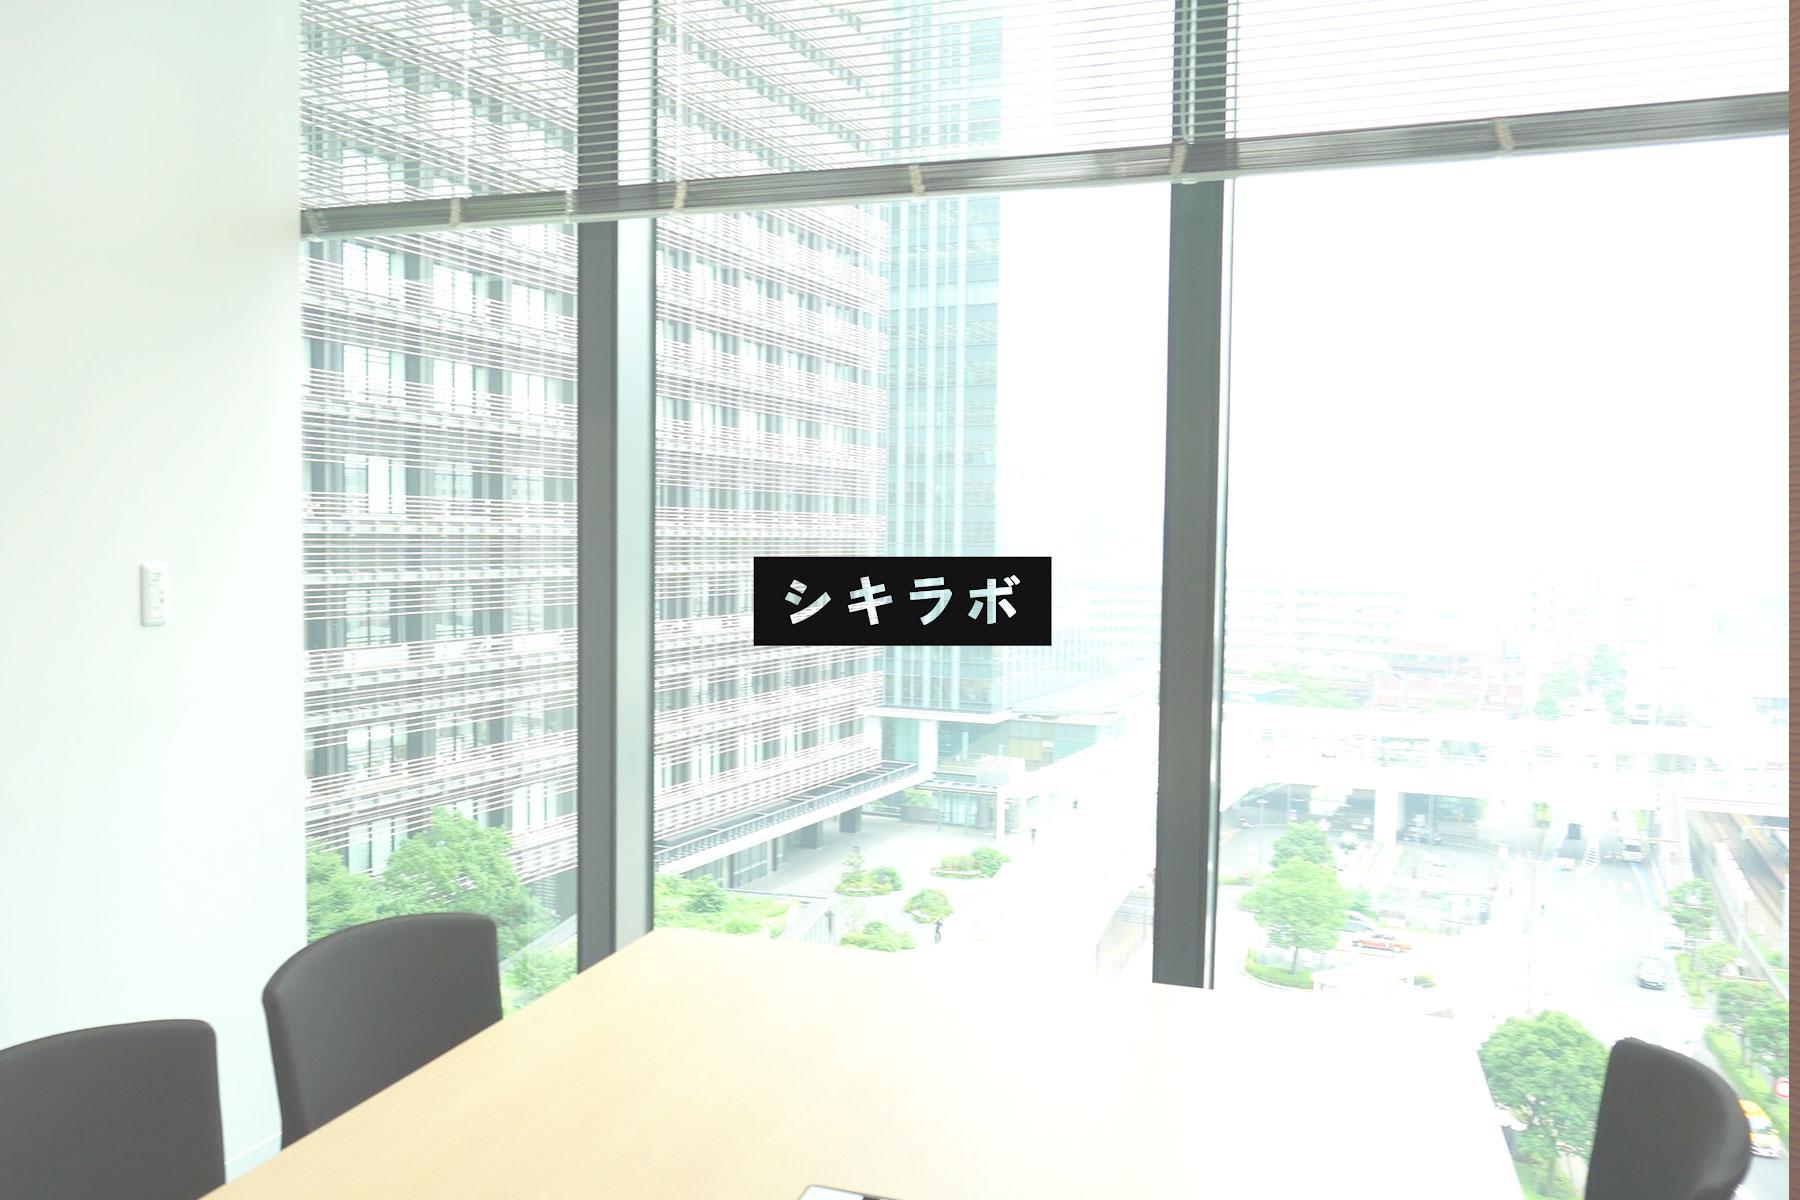 株式会社シキラボのトップ画像